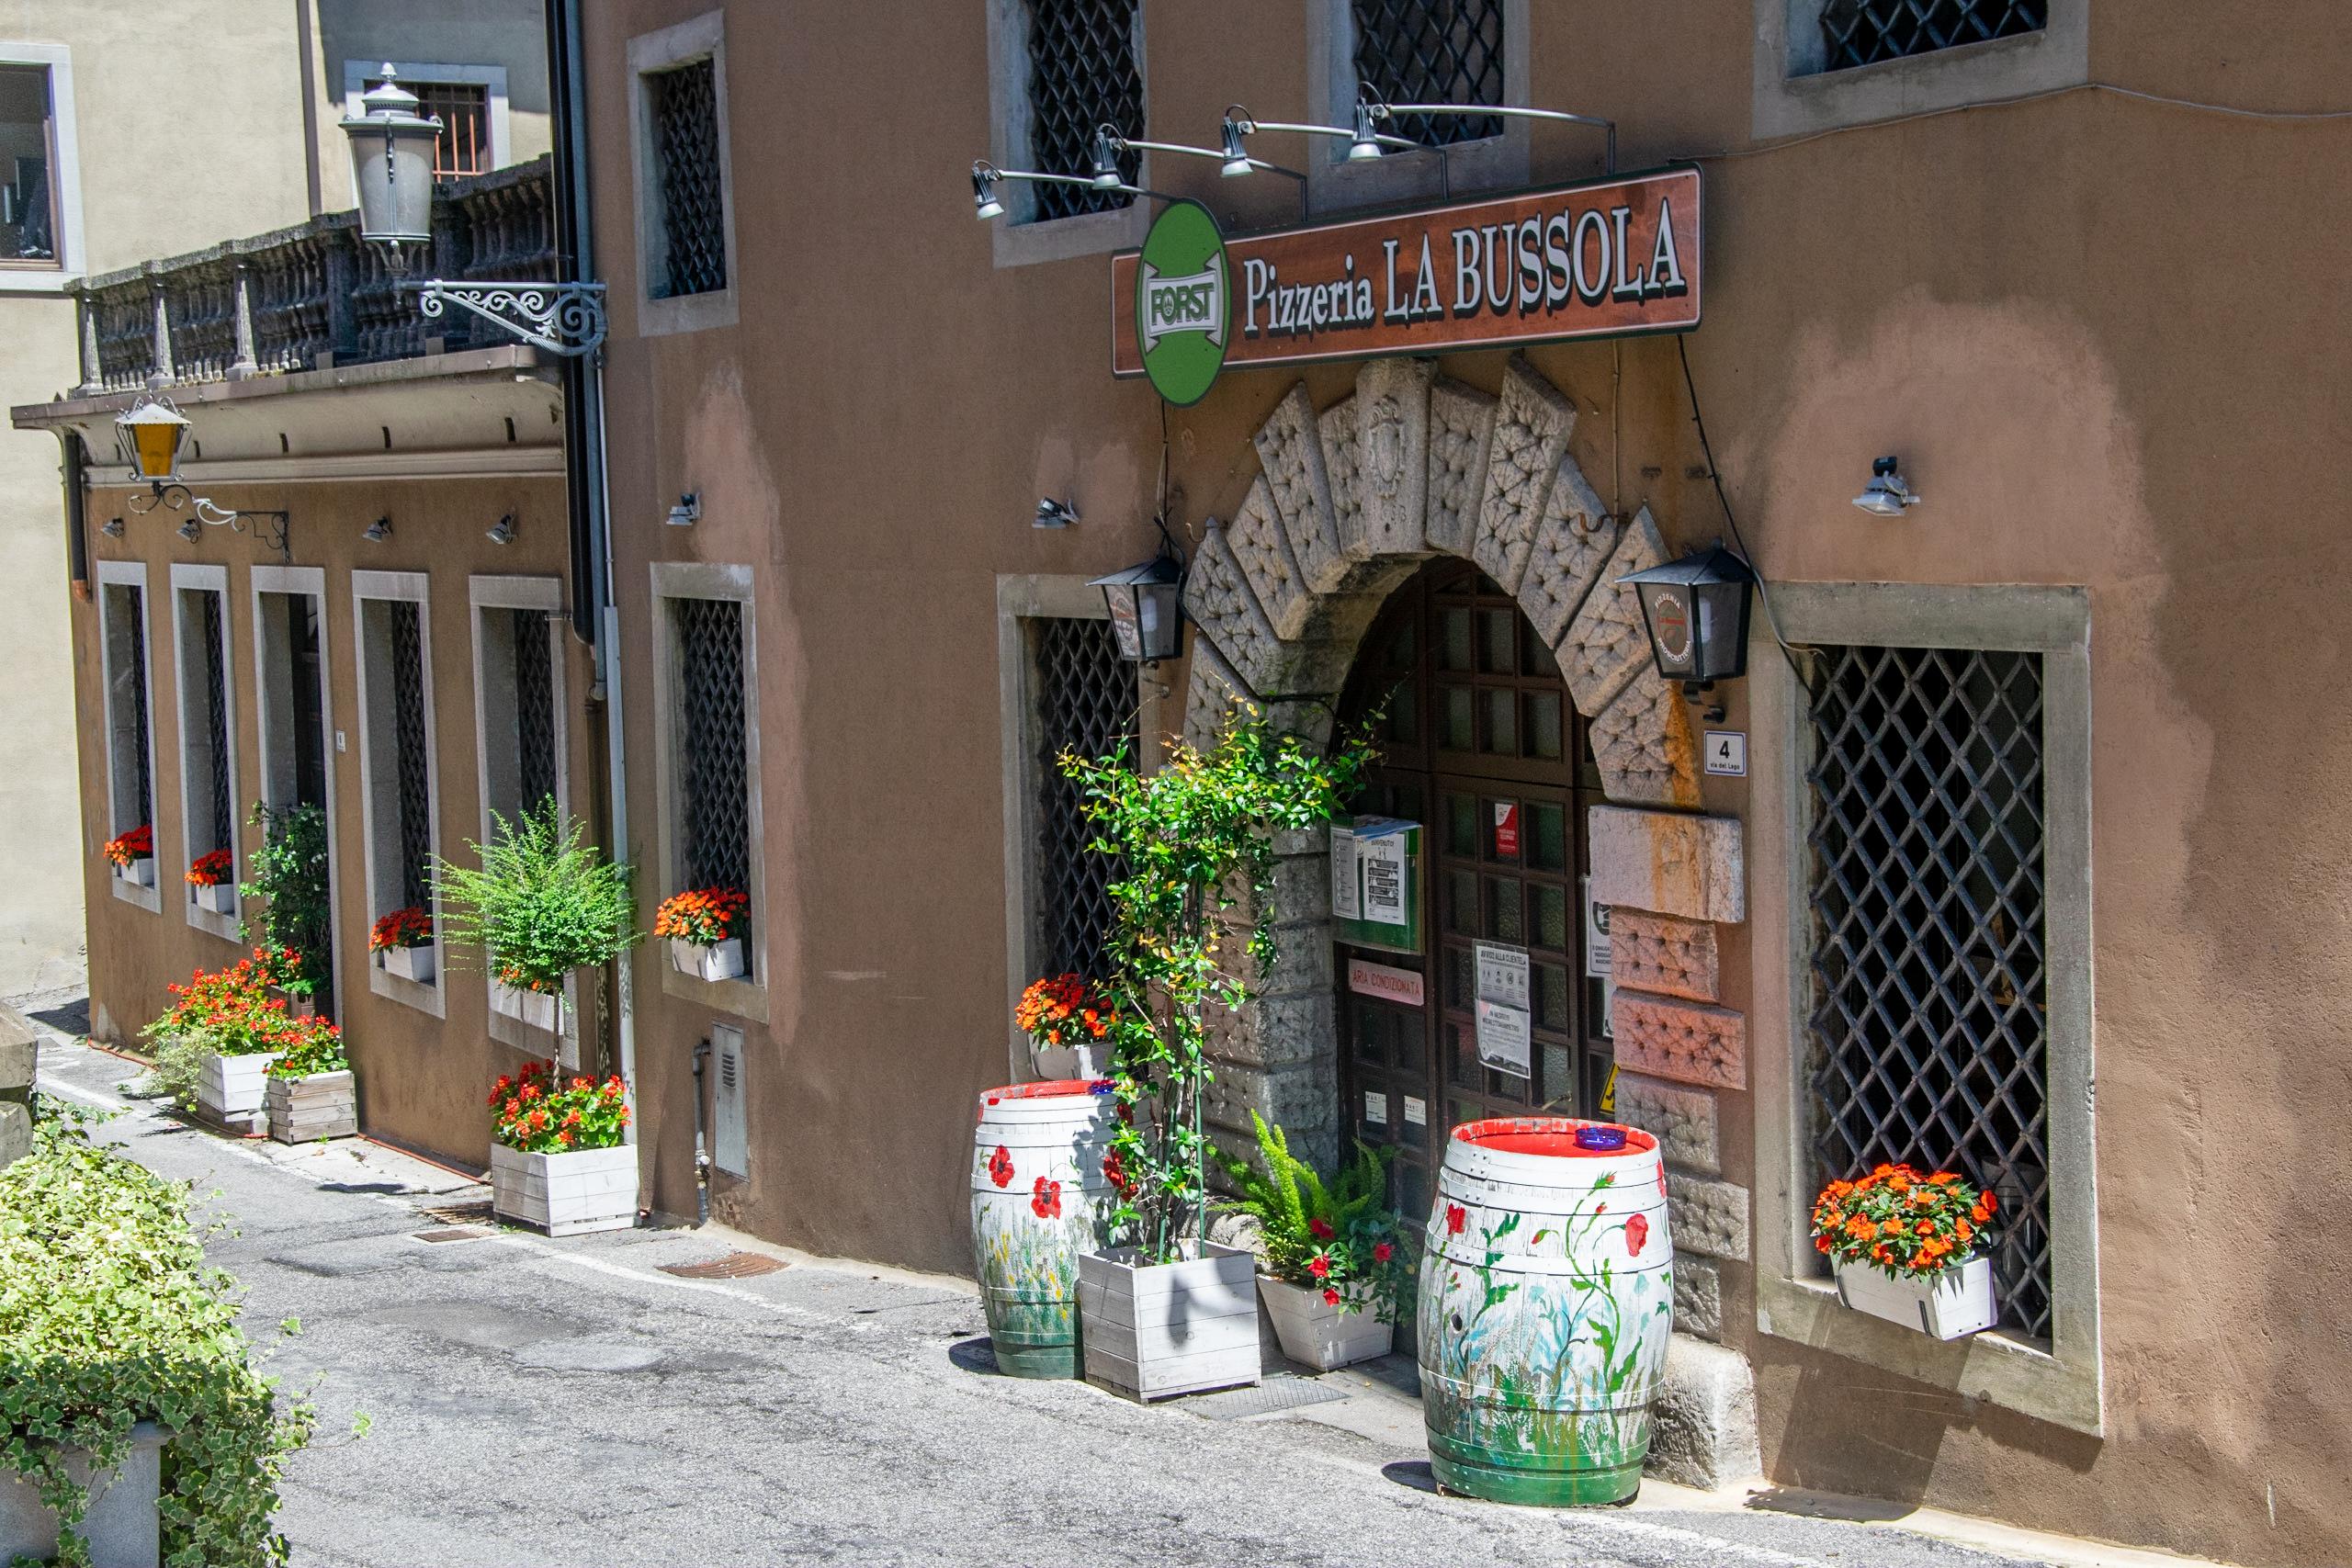 Pizzeria la Bussola - San Daniele del Friuli